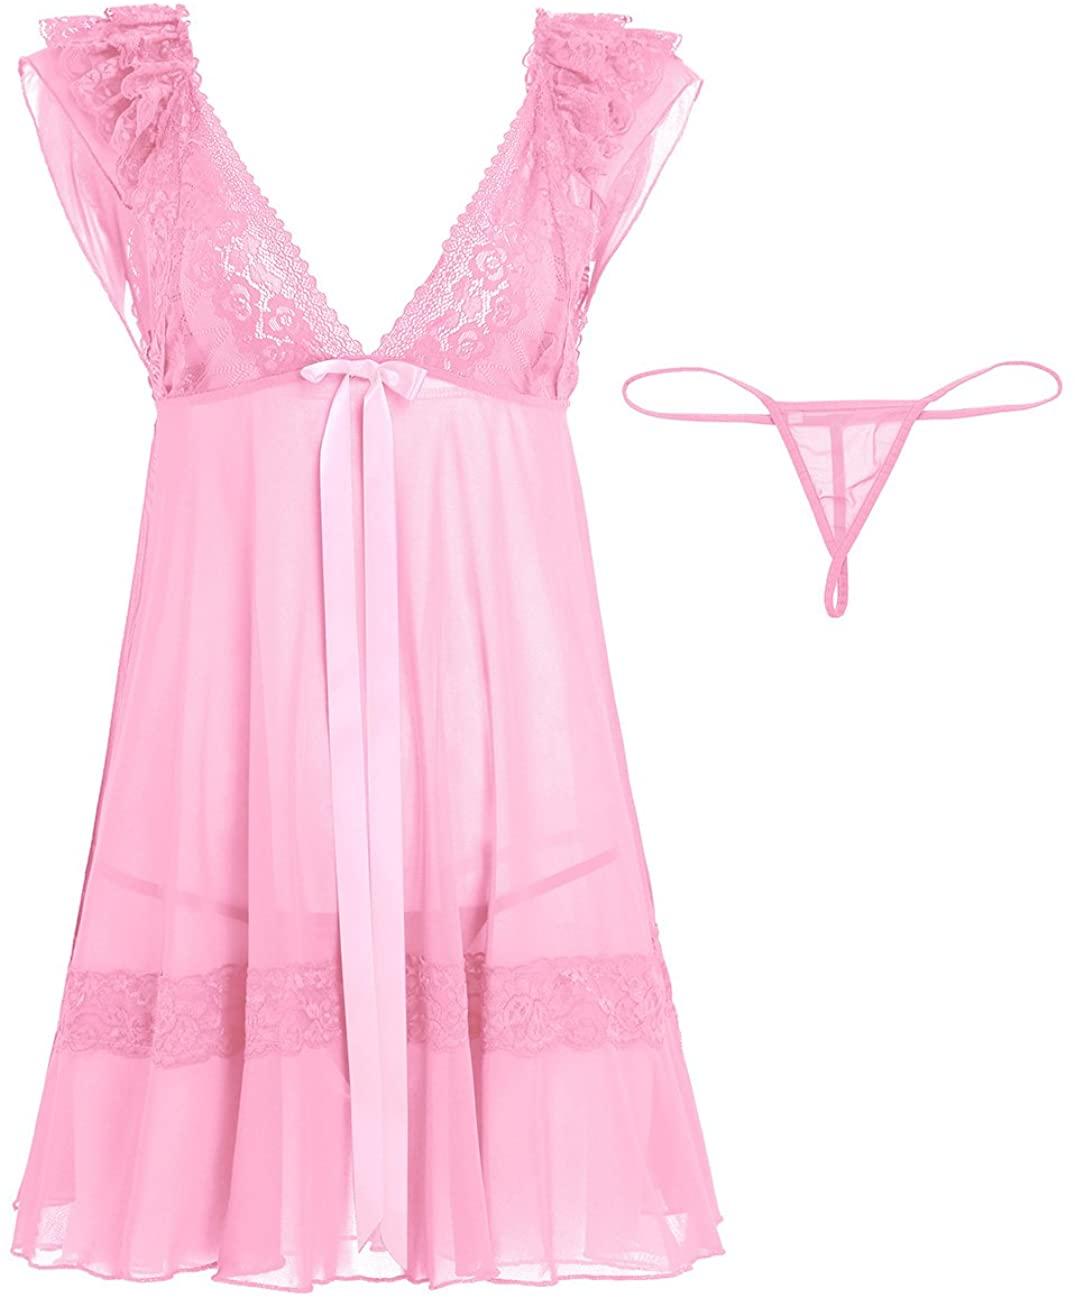 iEFiEL Women V Neck Lace Bust See-Through Babydoll Nightwear Sleepwear with G-String